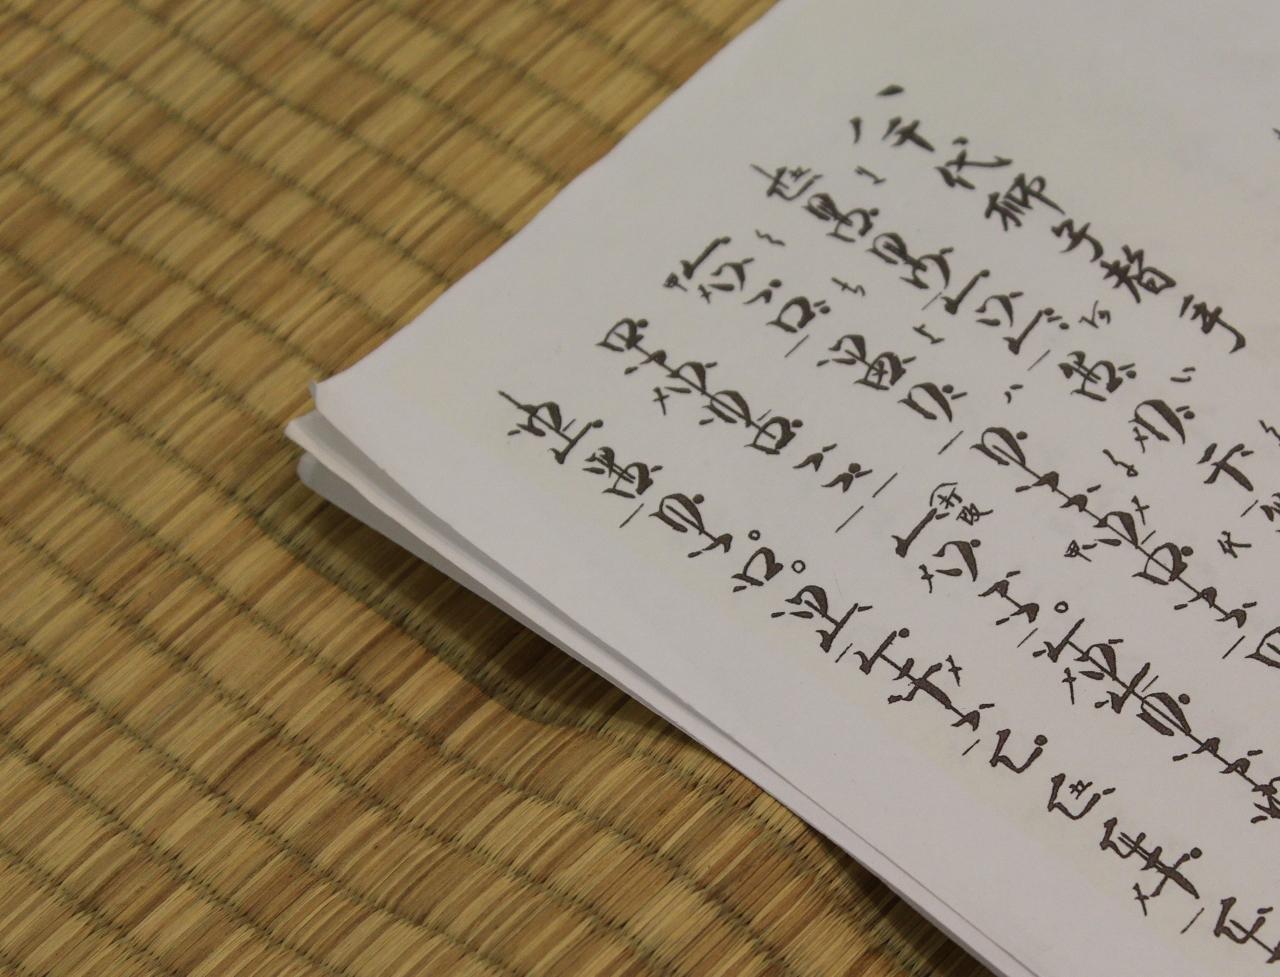 Piękno kaligrafii japońskiej (źródło: materiały prasowe organizatora)